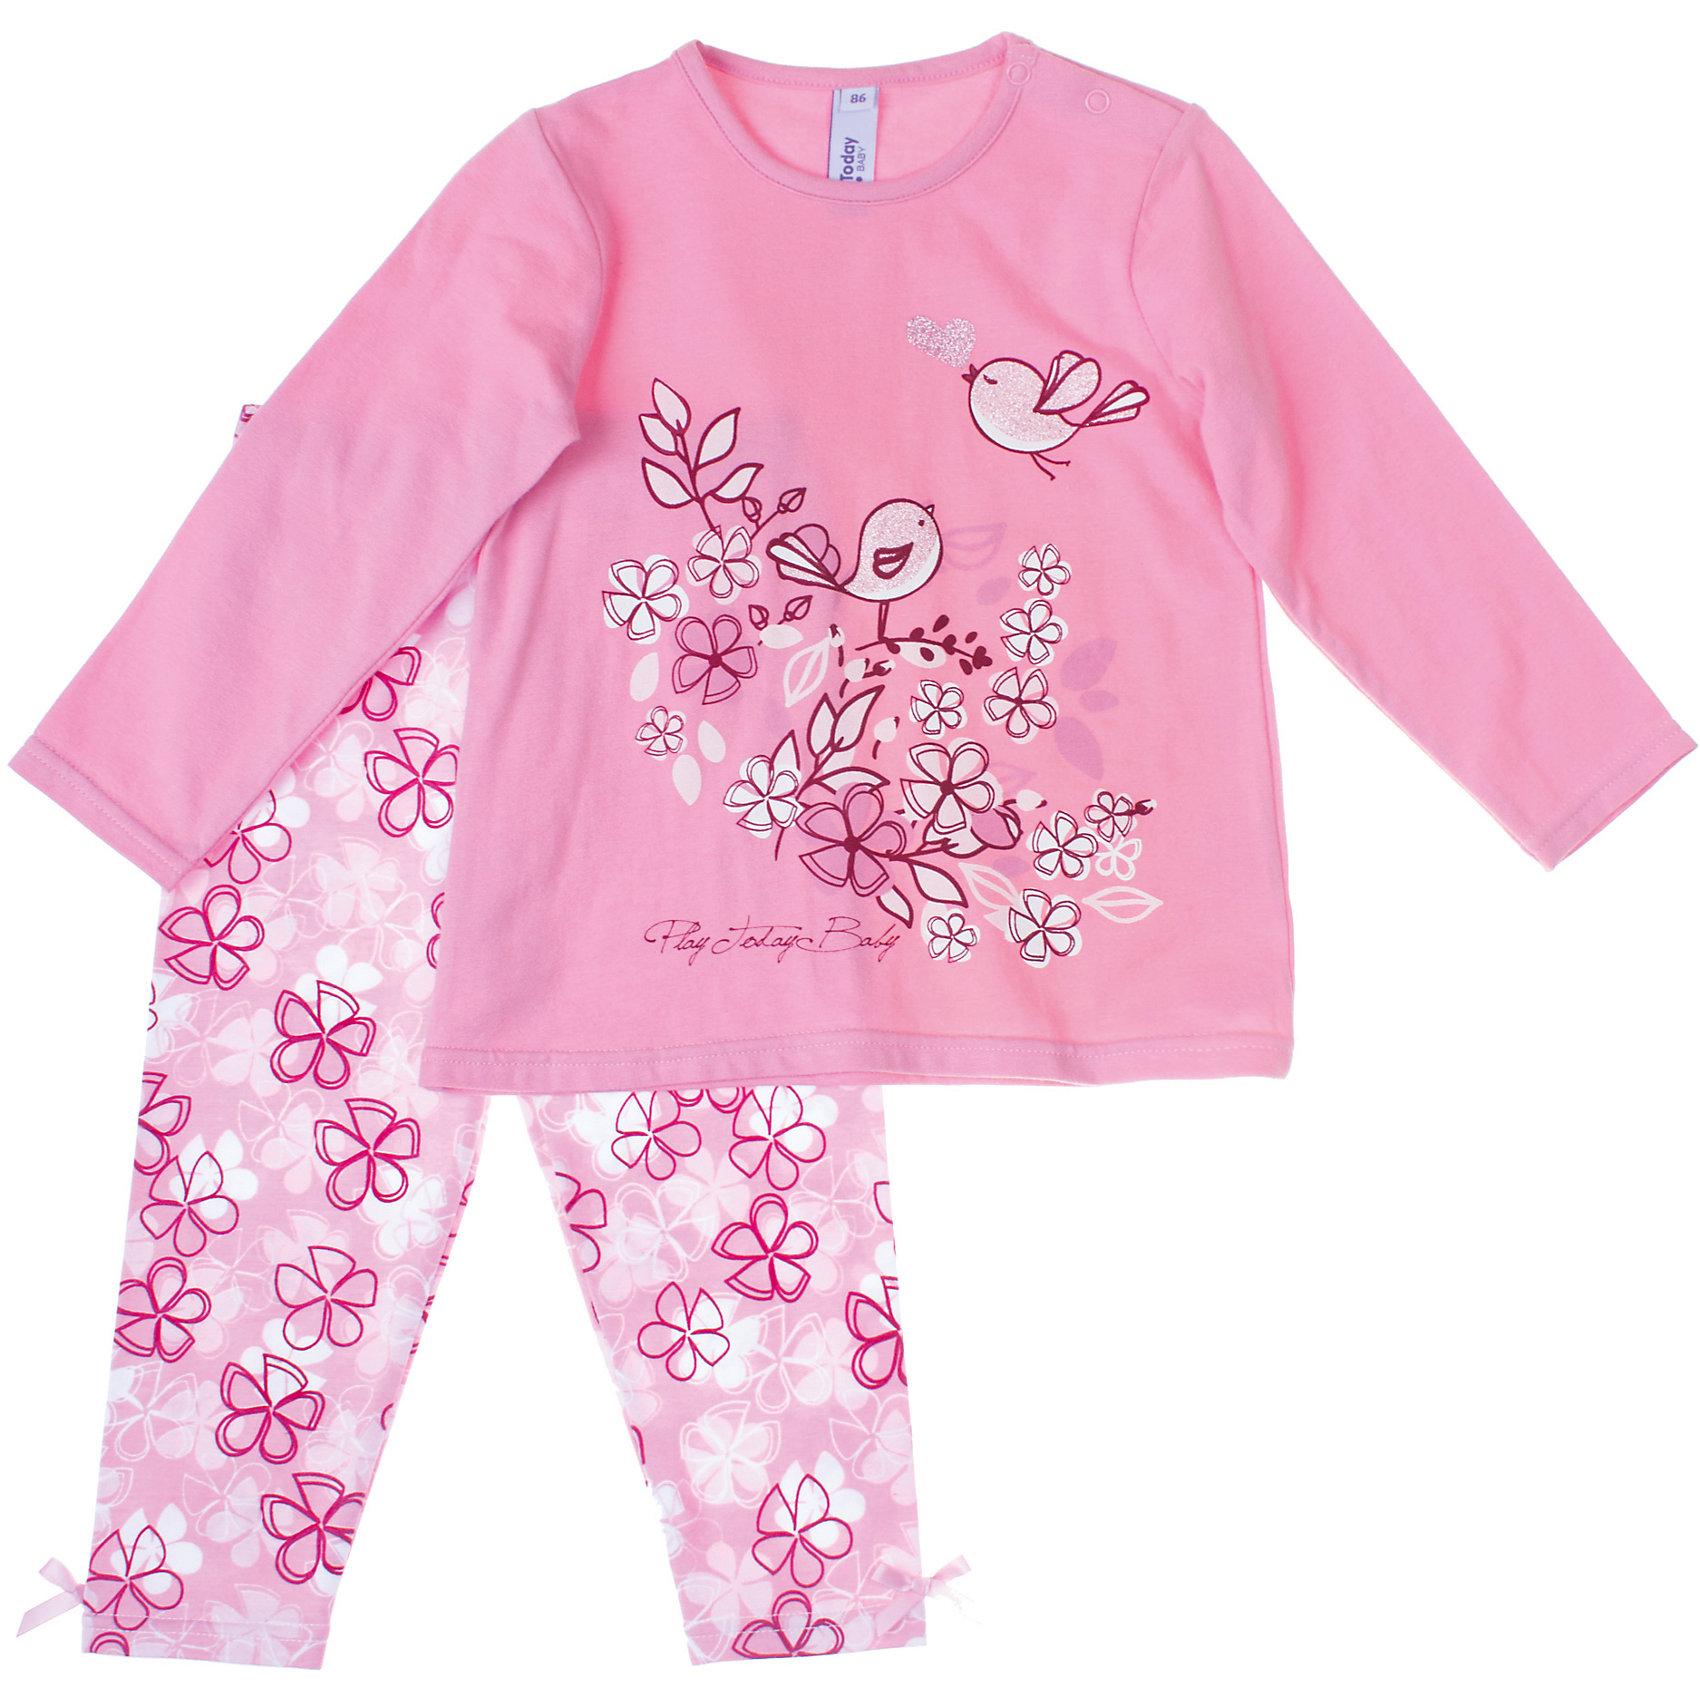 Пижама для девочки PlayTodayПижамы и сорочки<br>Пижама для девочки PlayToday Яркая хлопковая пижама. Есть застежки-кнопки на плече. Украшена красочным принтом и блестками. Состав: 95% хлопок, 5% эластан<br><br>Ширина мм: 281<br>Глубина мм: 70<br>Высота мм: 188<br>Вес г: 295<br>Цвет: розовый/белый<br>Возраст от месяцев: 6<br>Возраст до месяцев: 9<br>Пол: Женский<br>Возраст: Детский<br>Размер: 74,92,86,80<br>SKU: 4229292